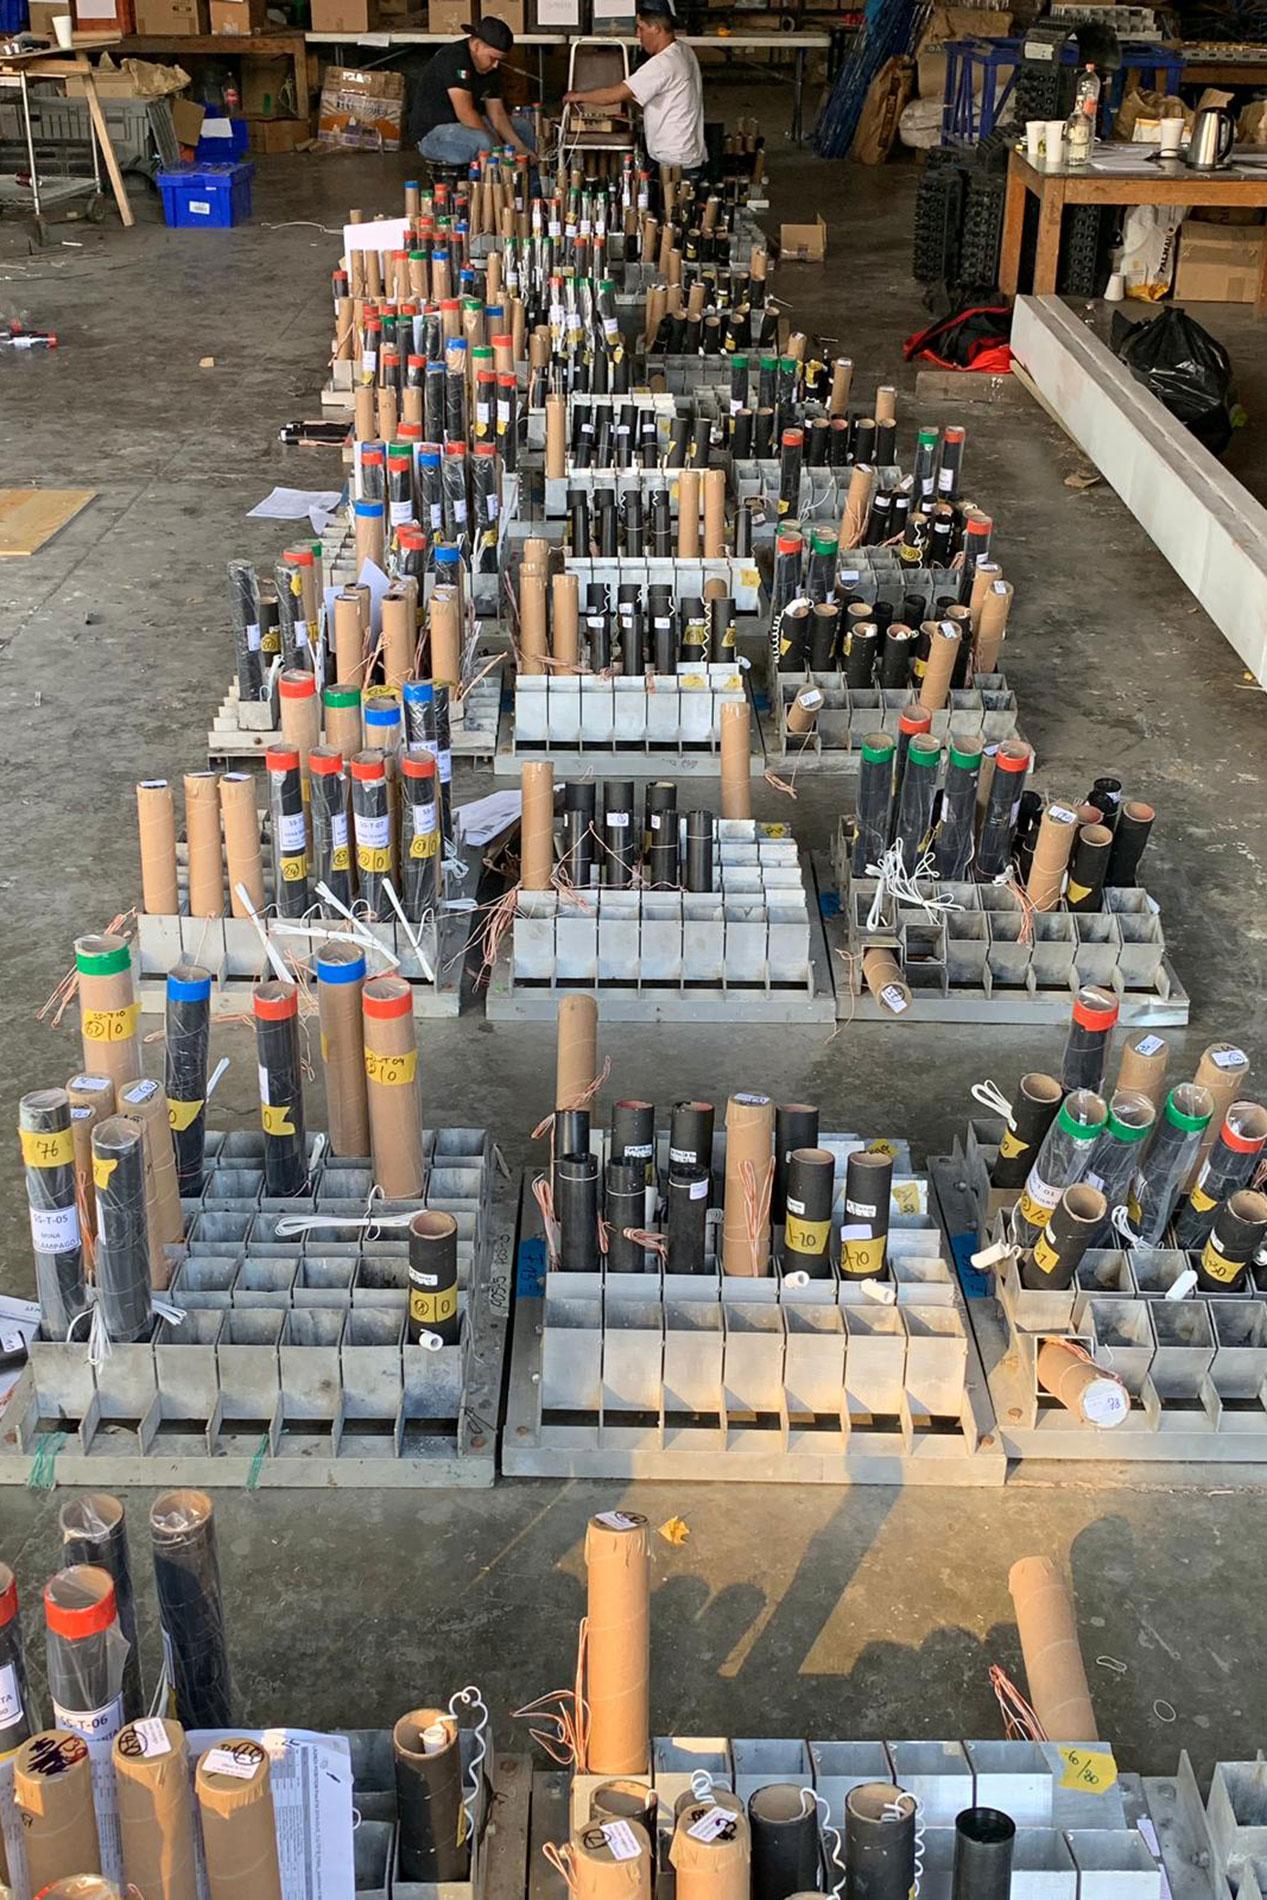 Pyro-Batterien für die Feuershow in Tultepec Mexico